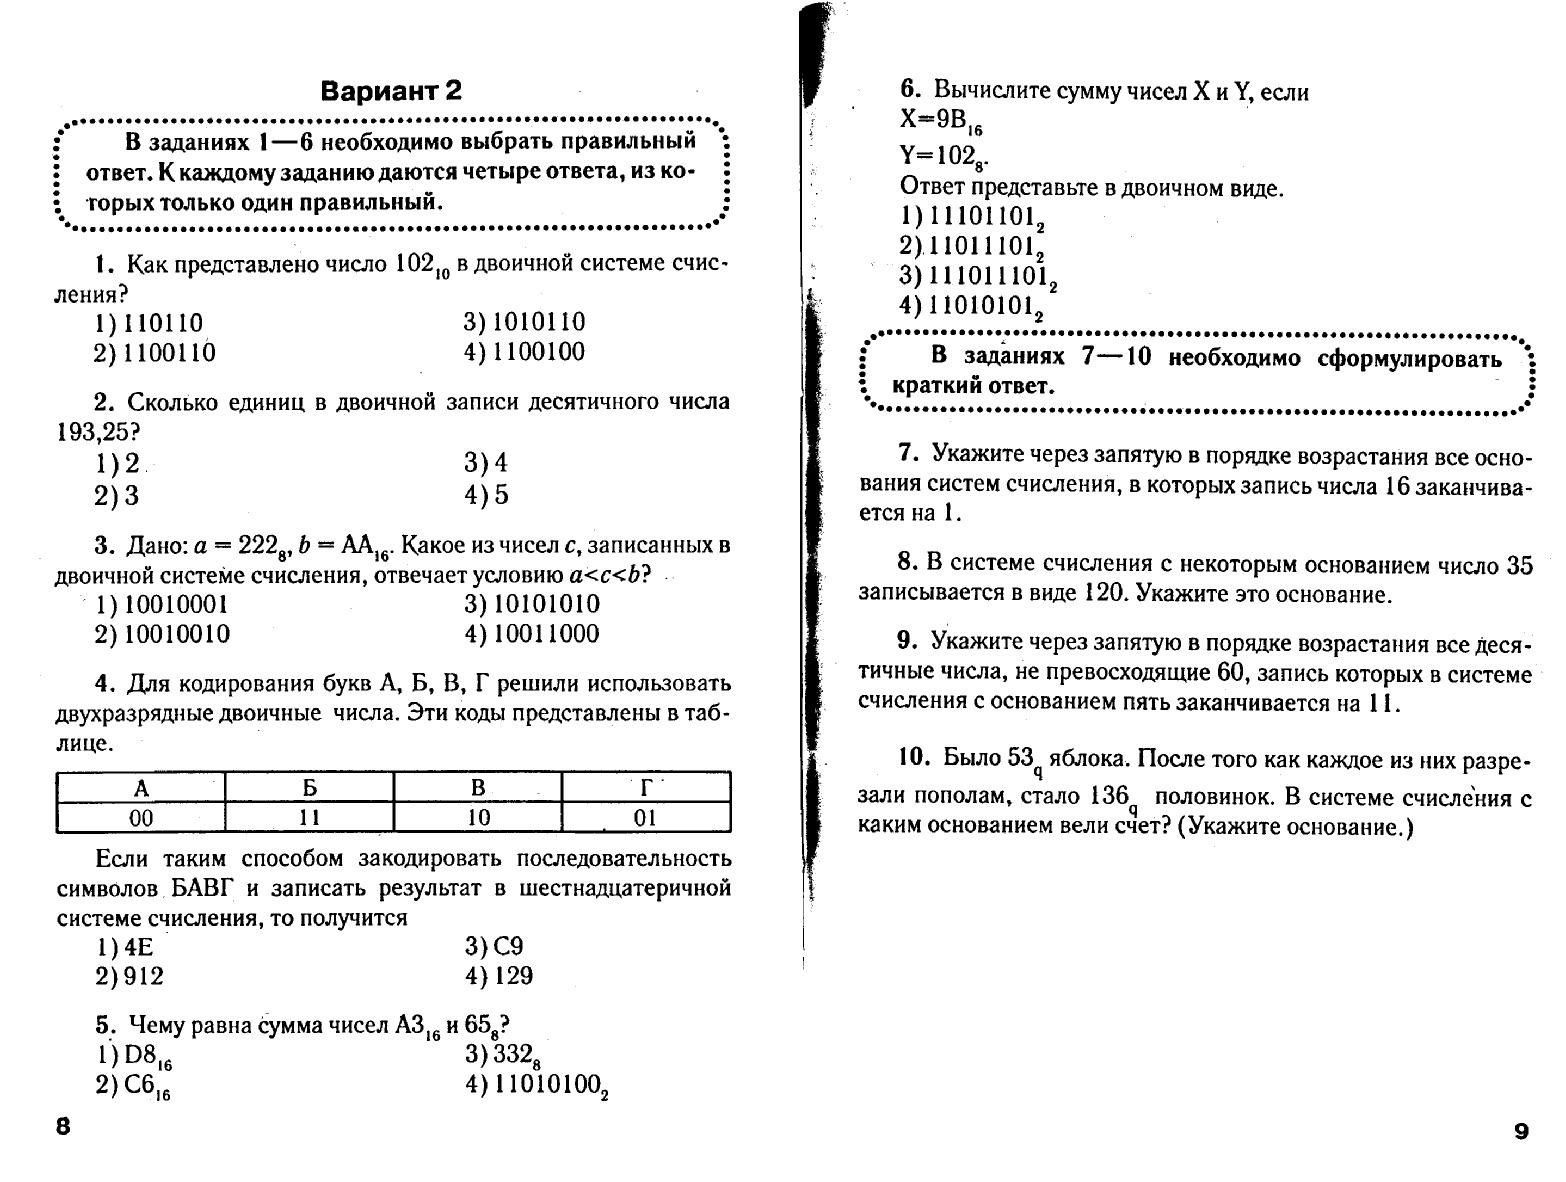 Тестовая проверочная работа по теме кодирование и обработка текстовой информации 9 класс